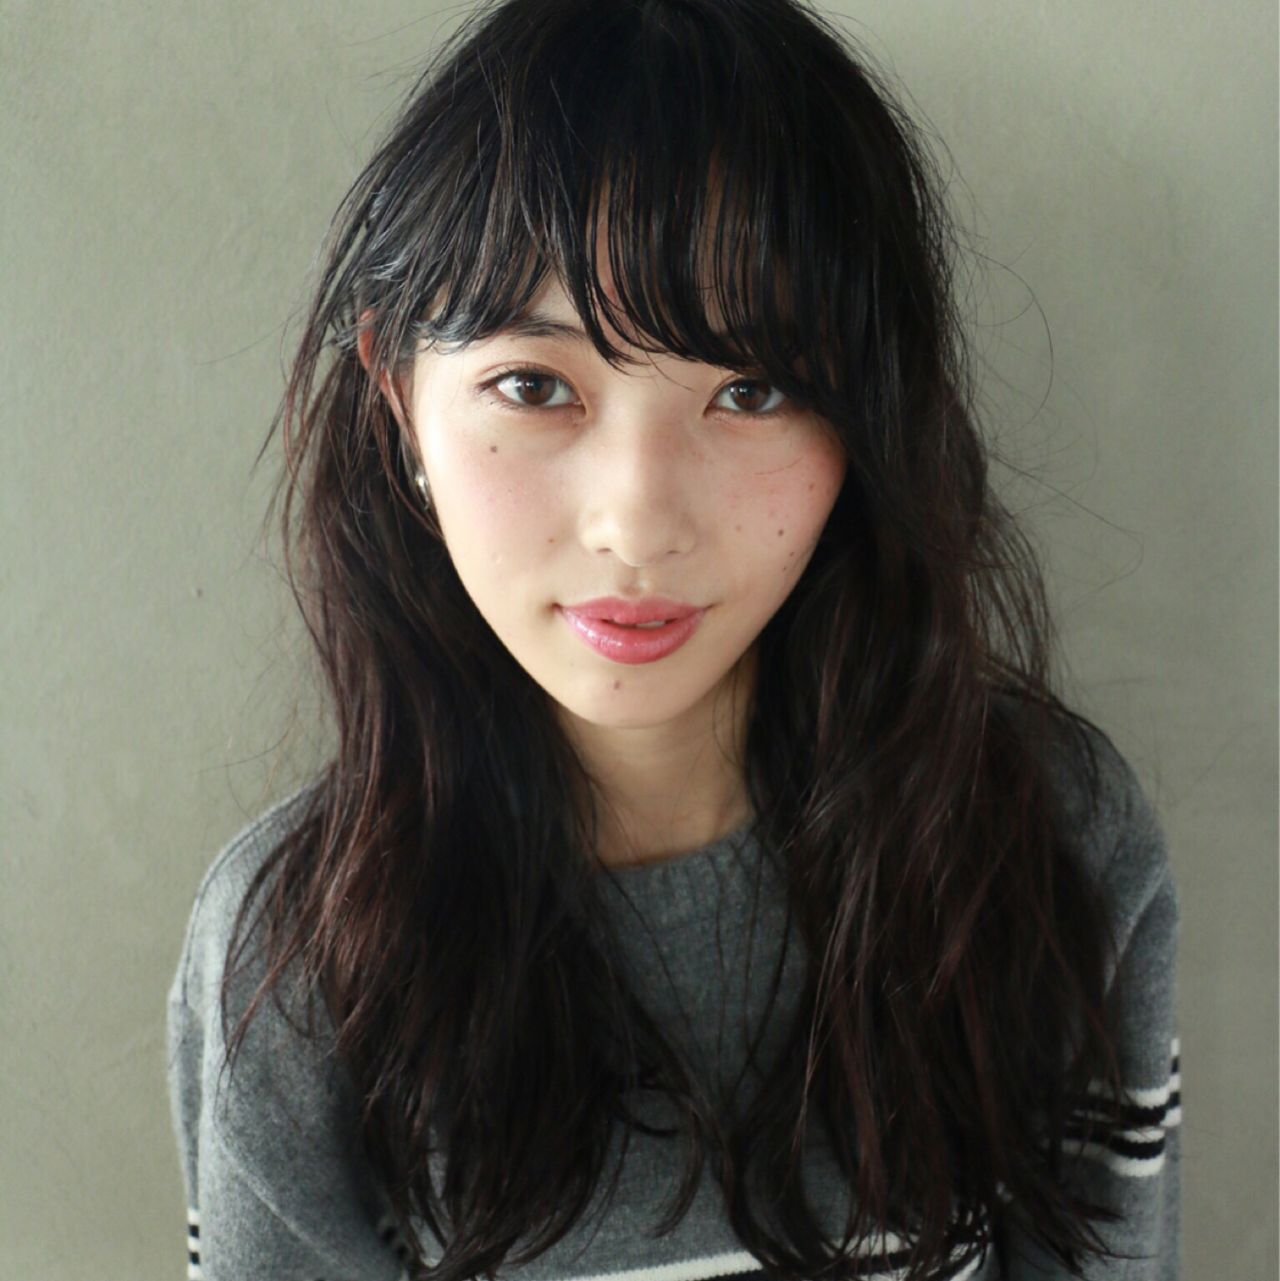 黒髪 透明感 前髪パーマ ナチュラル ヘアスタイルや髪型の写真・画像 | 高橋 忍 / nanuk渋谷店(ナヌーク)